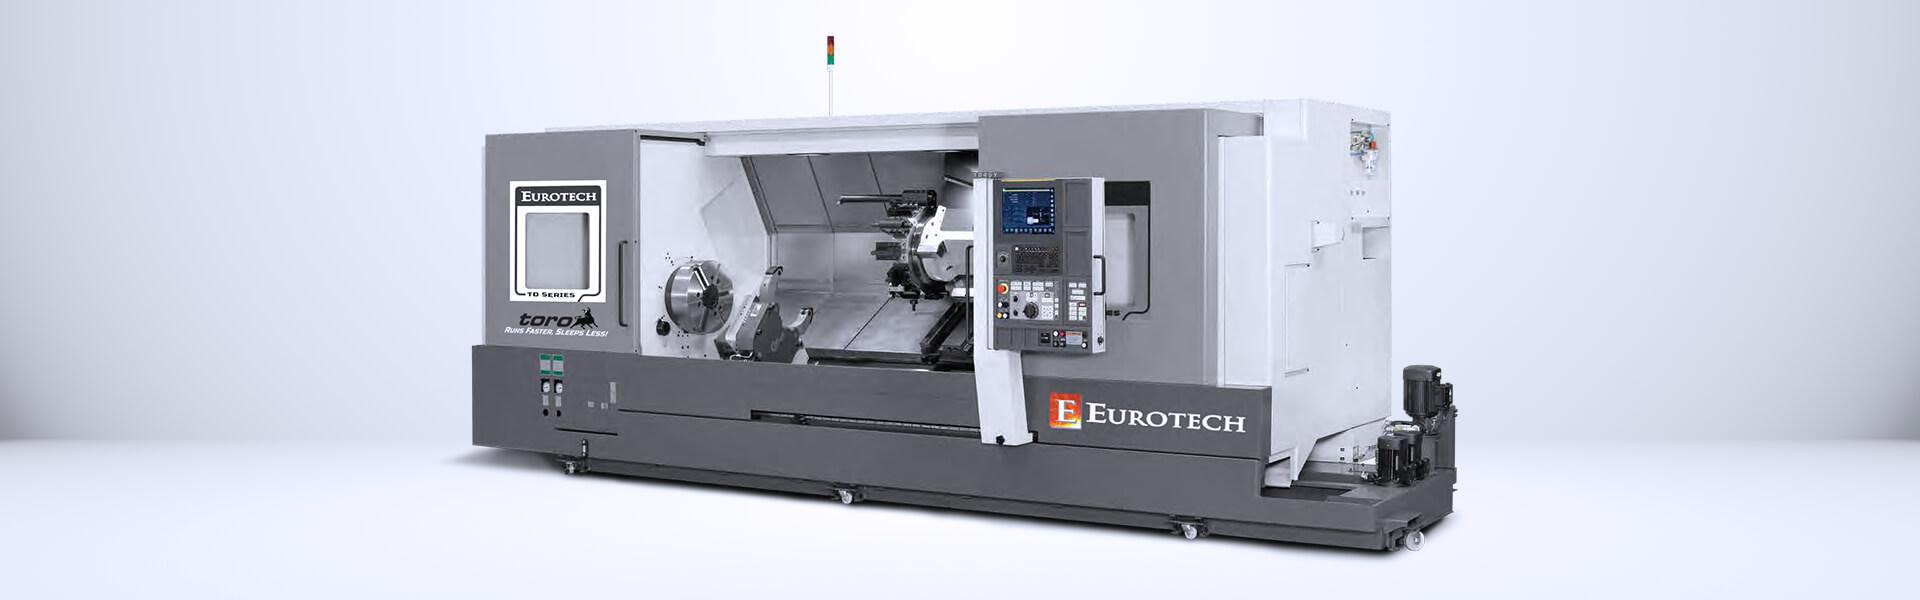 Eurotech TD Z2200